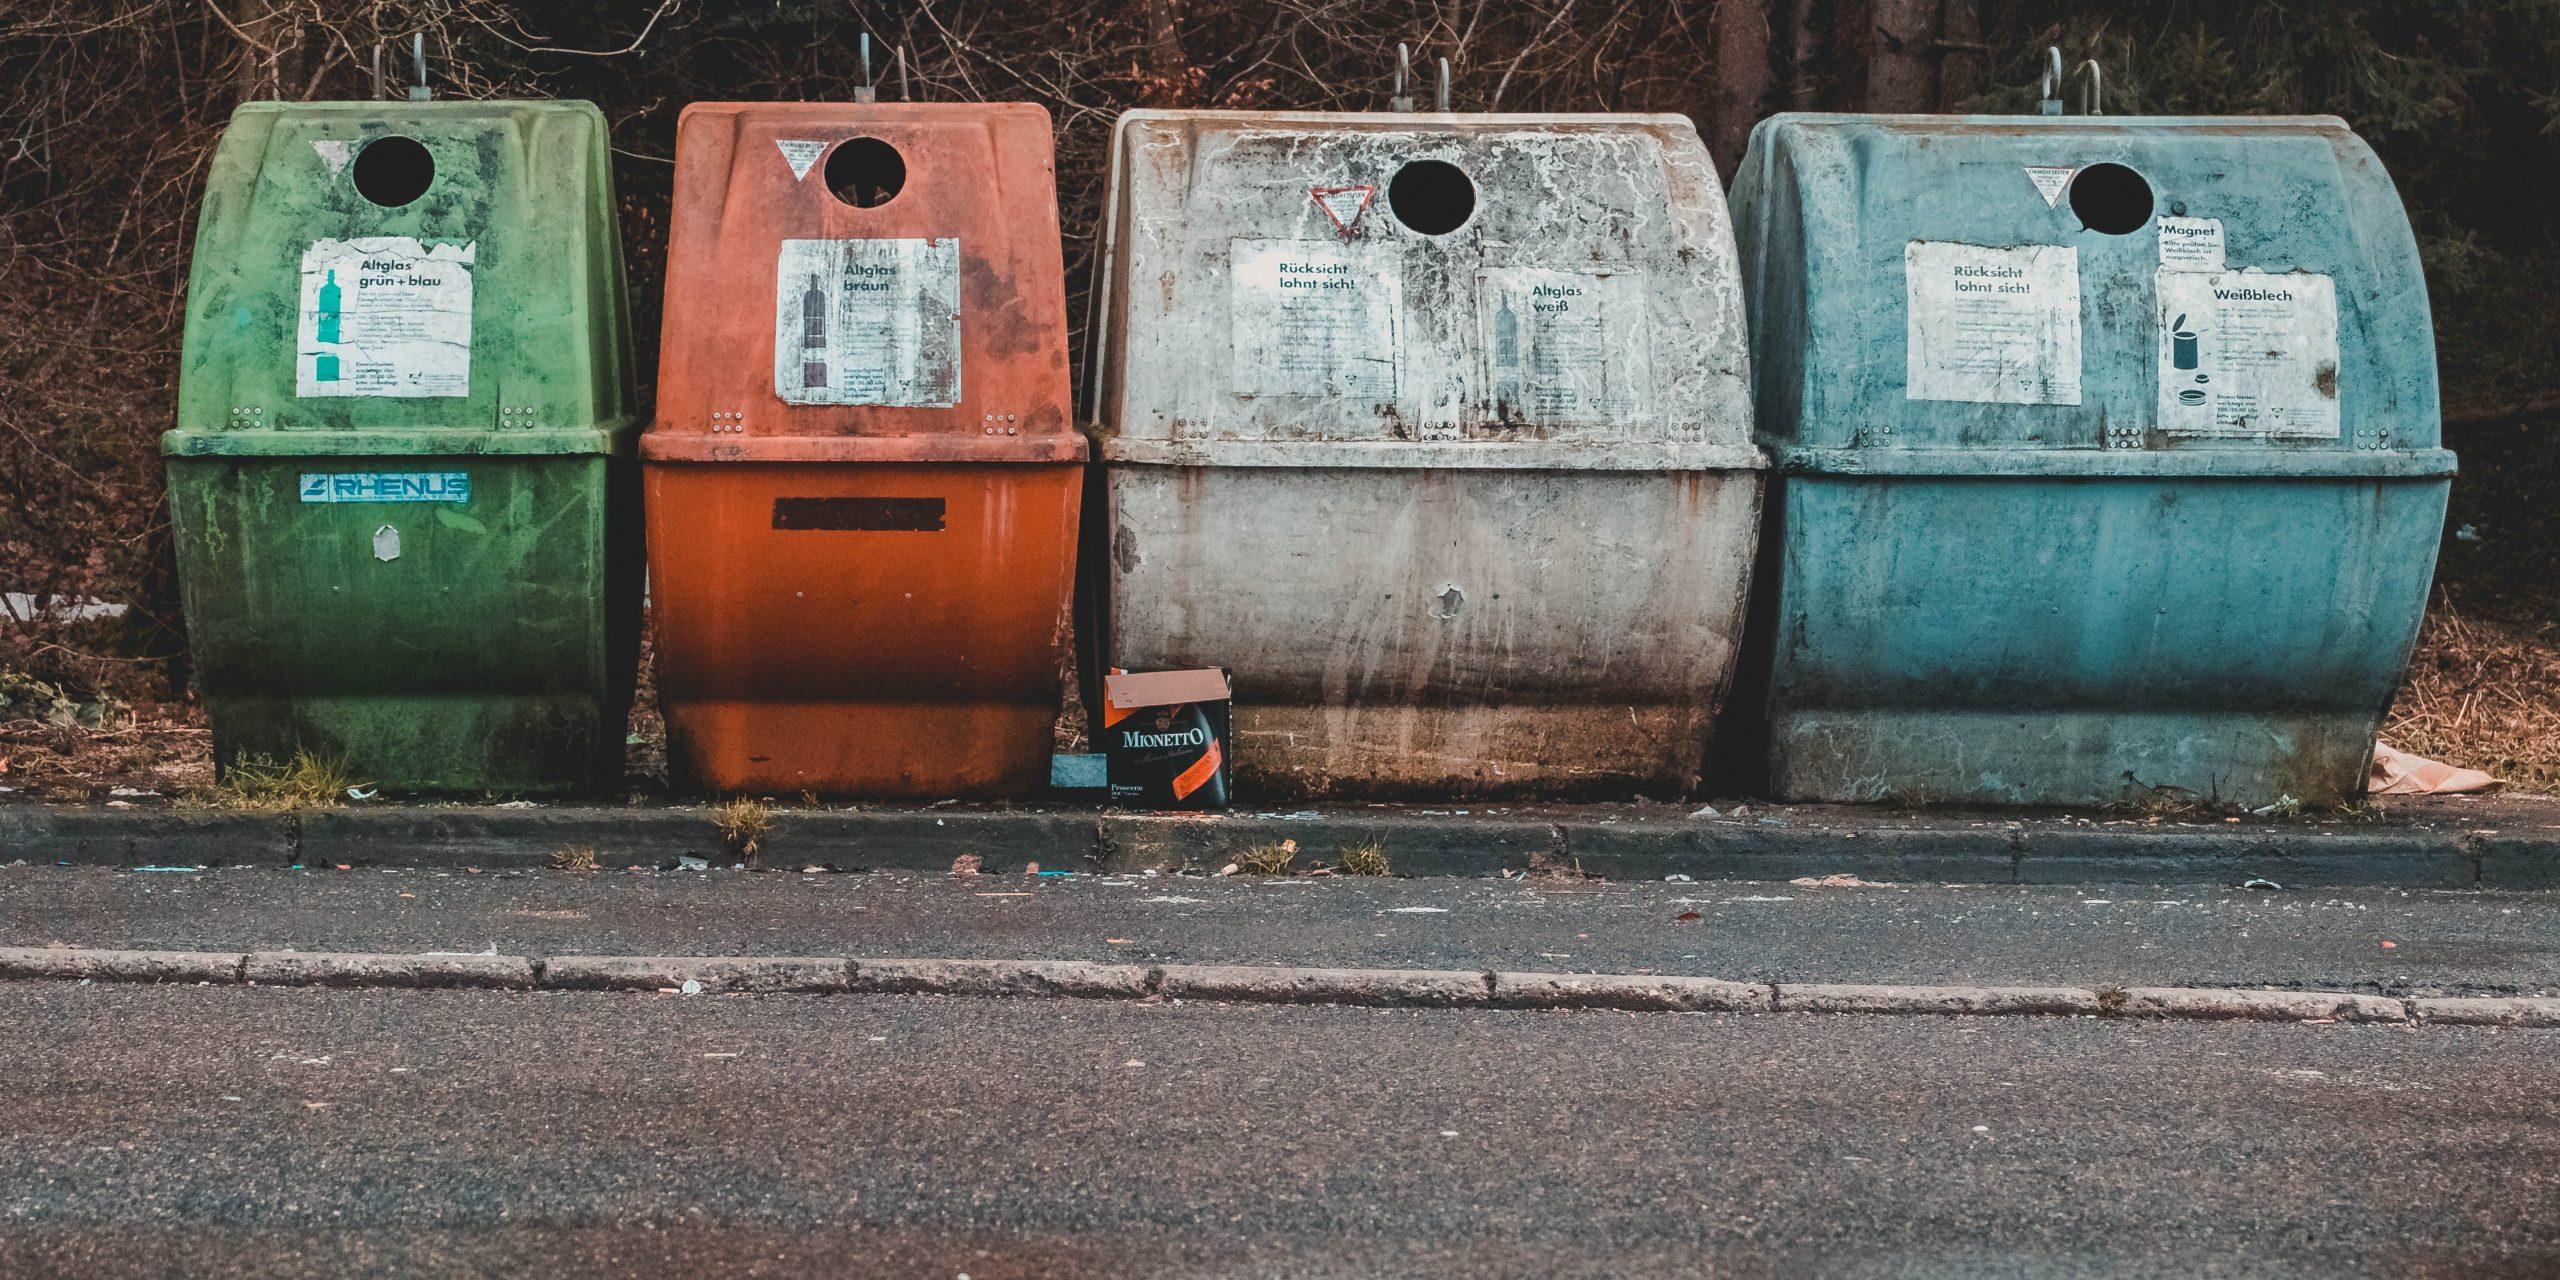 МТС запускает в России цифровой сервис для вывоза и утилизации мусора